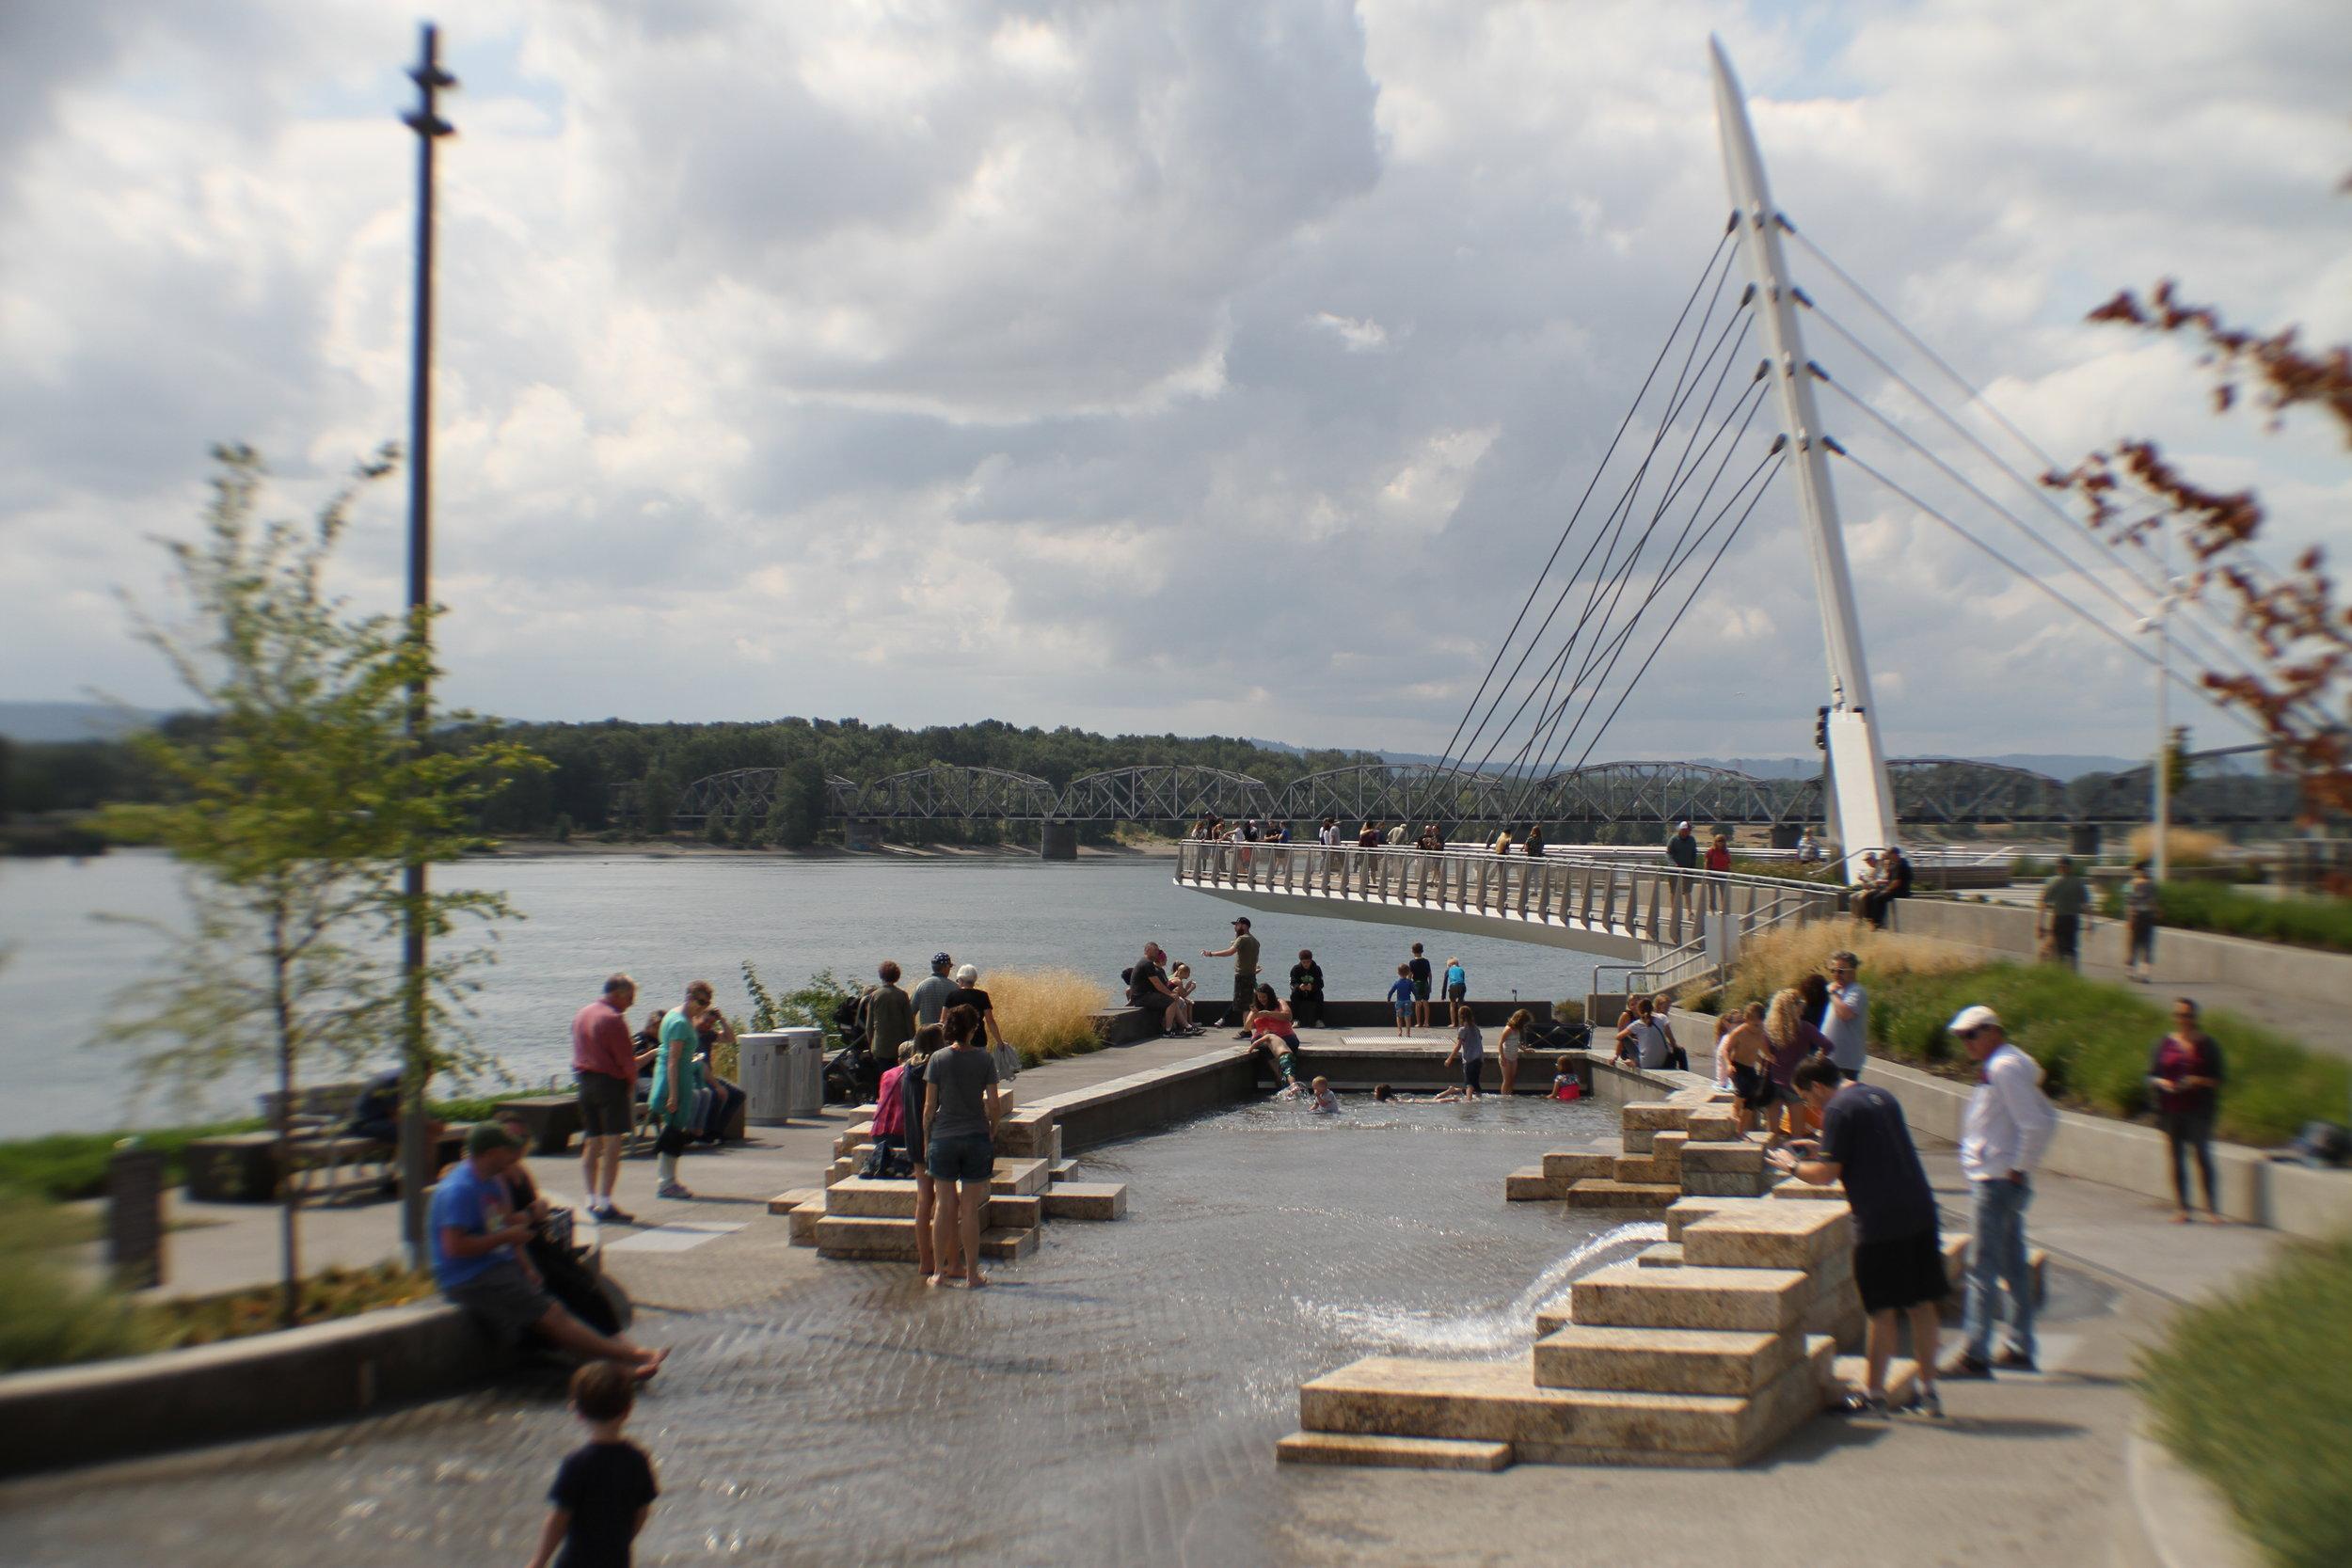 vancouver_waterfront park fountain_larry kirkland_public art services_j grant projects_32.JPG